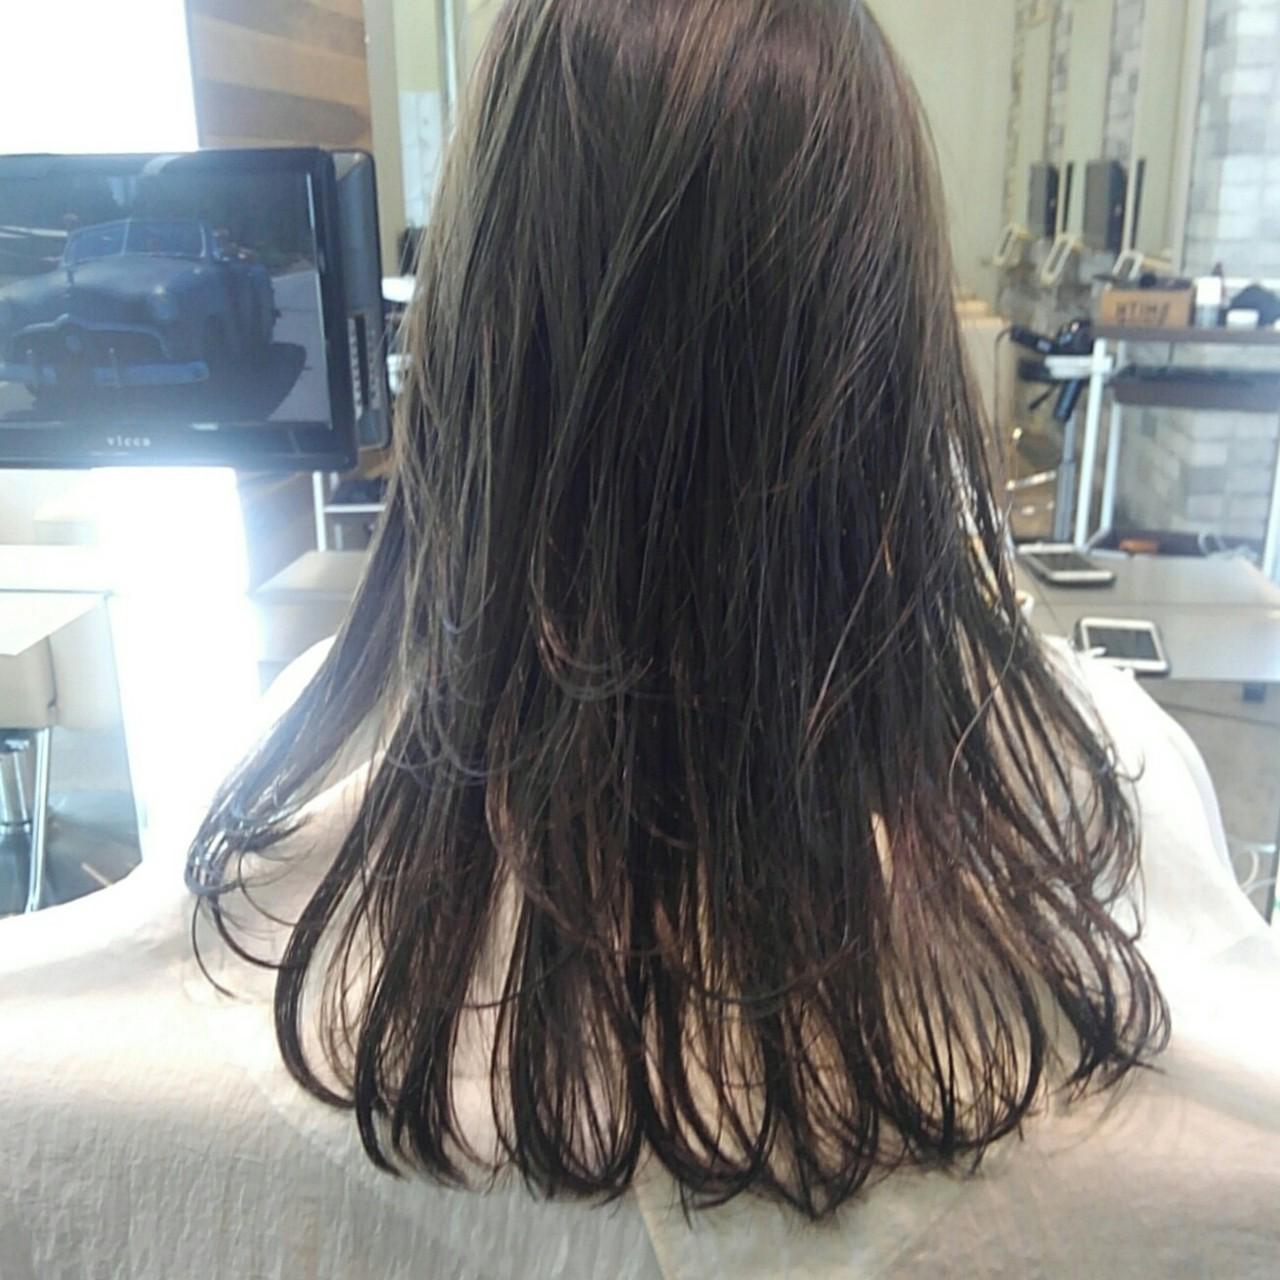 ナチュラル ルーズ アッシュ 透明感 ヘアスタイルや髪型の写真・画像